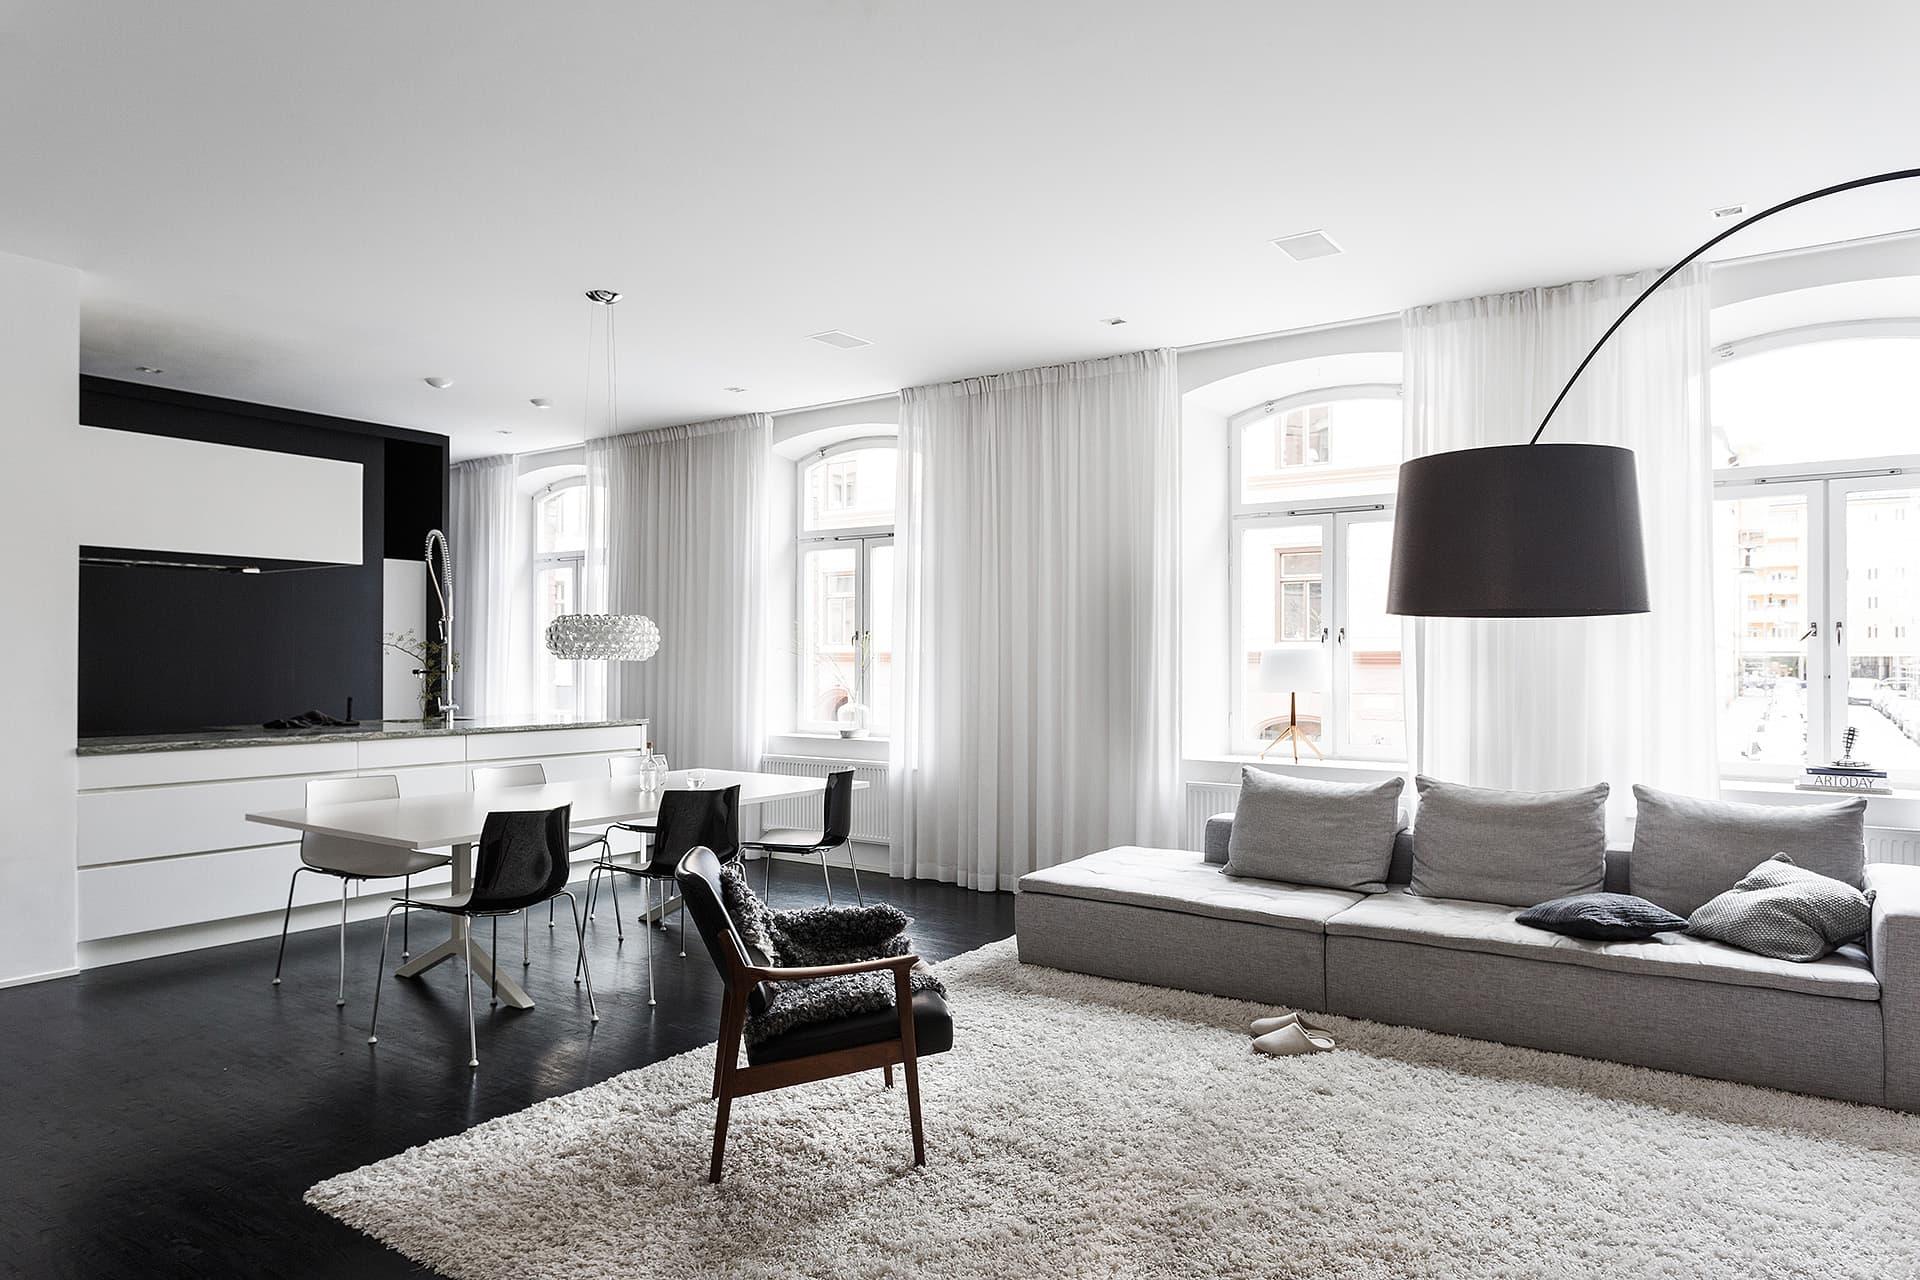 дизайн квартиры в черно белых тонах фото выполняется перфоратором, проход